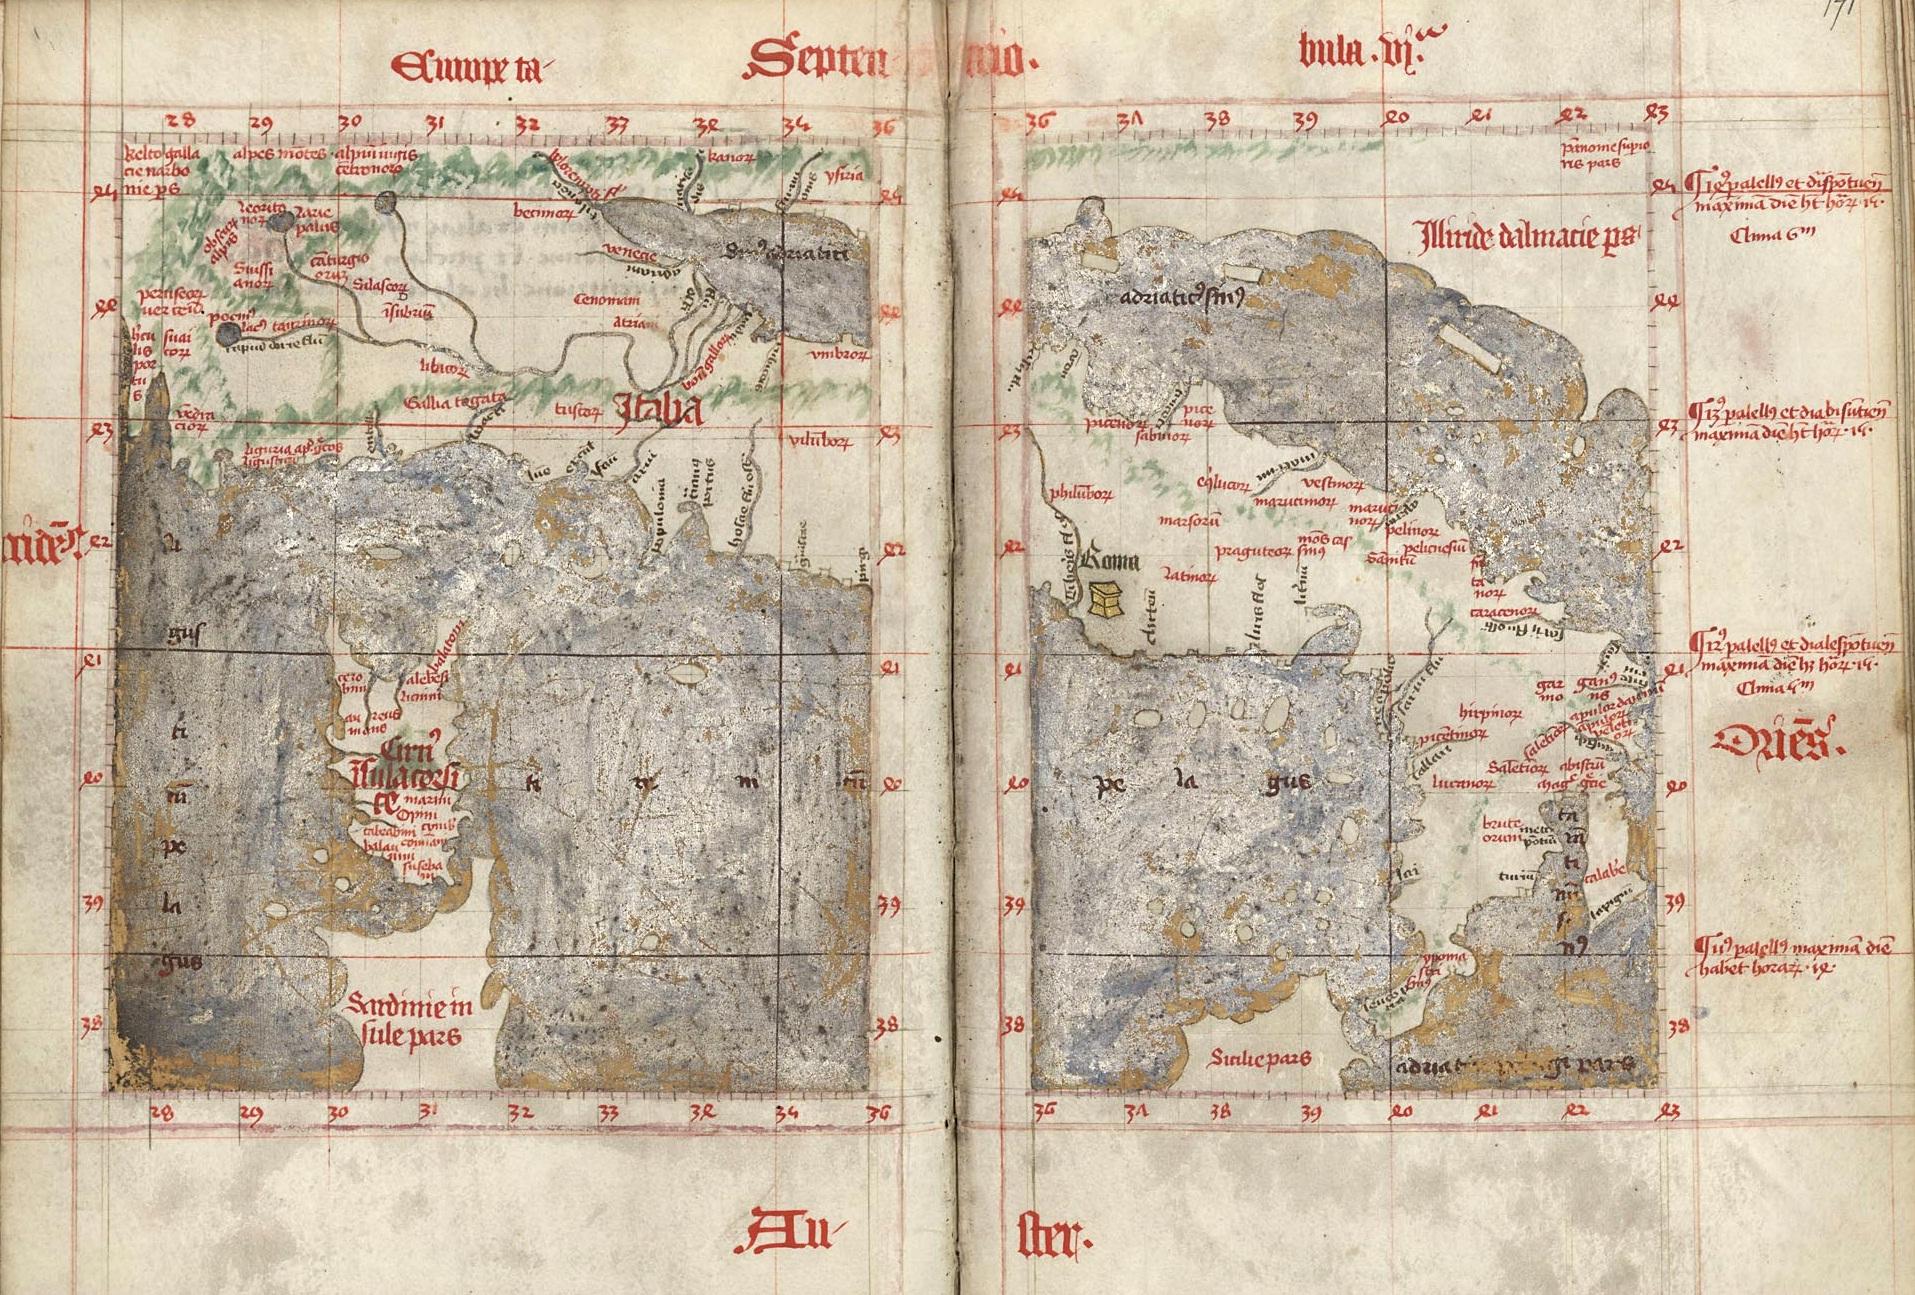 Carte de l'Italie. La Cosmographie de Claude Ptolemée, 1401-1500, ouvrage manuscrit (BmN, ms 354)